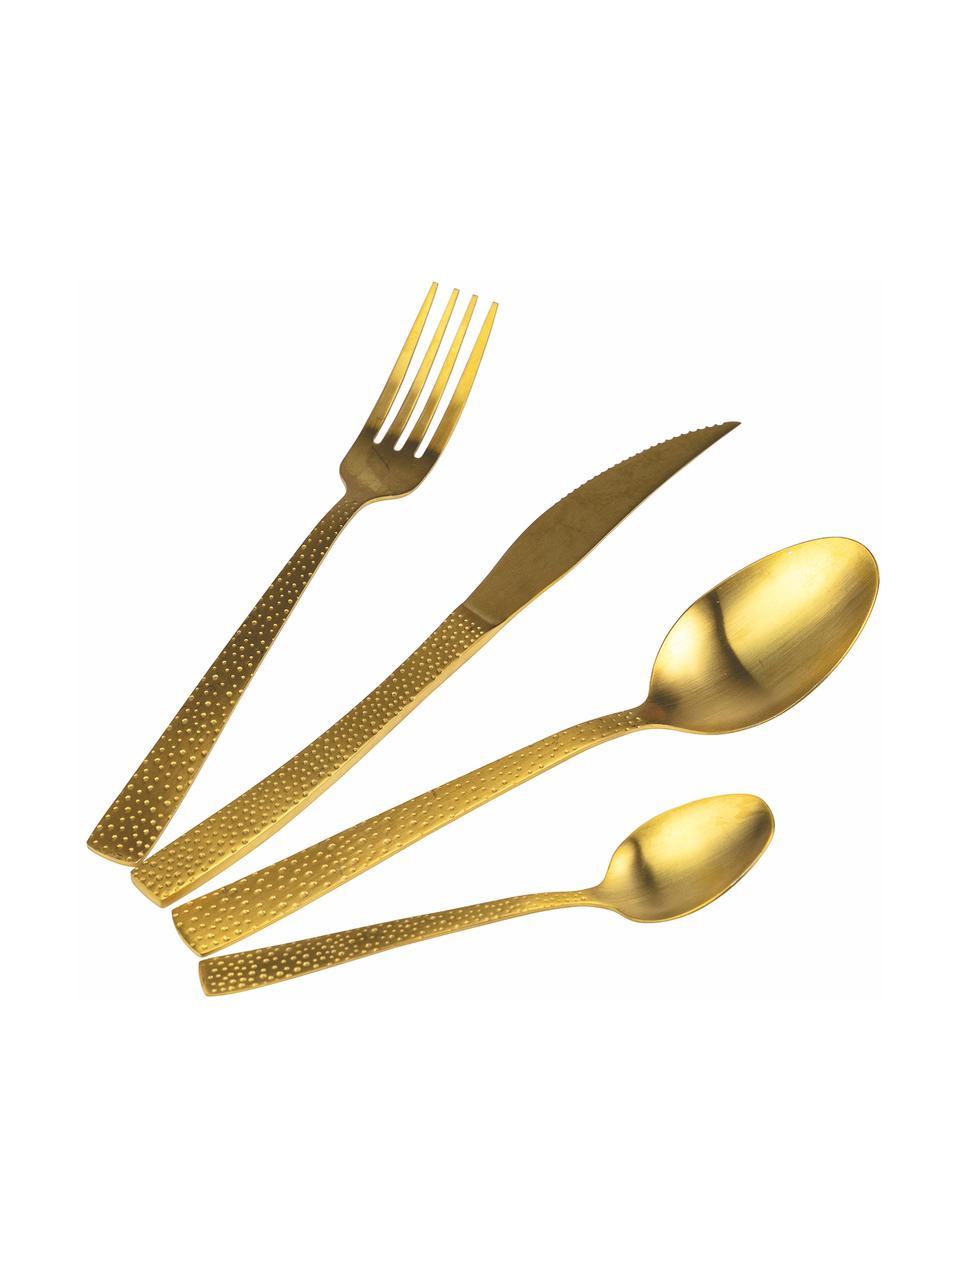 Goldfarbenes Besteck-Set Posate mit gehämmerten Griffen, 6 Personen (24-tlg.), Griff: Edelstahl, gehämmert, Goldfarben, Set mit verschiedenen Größen